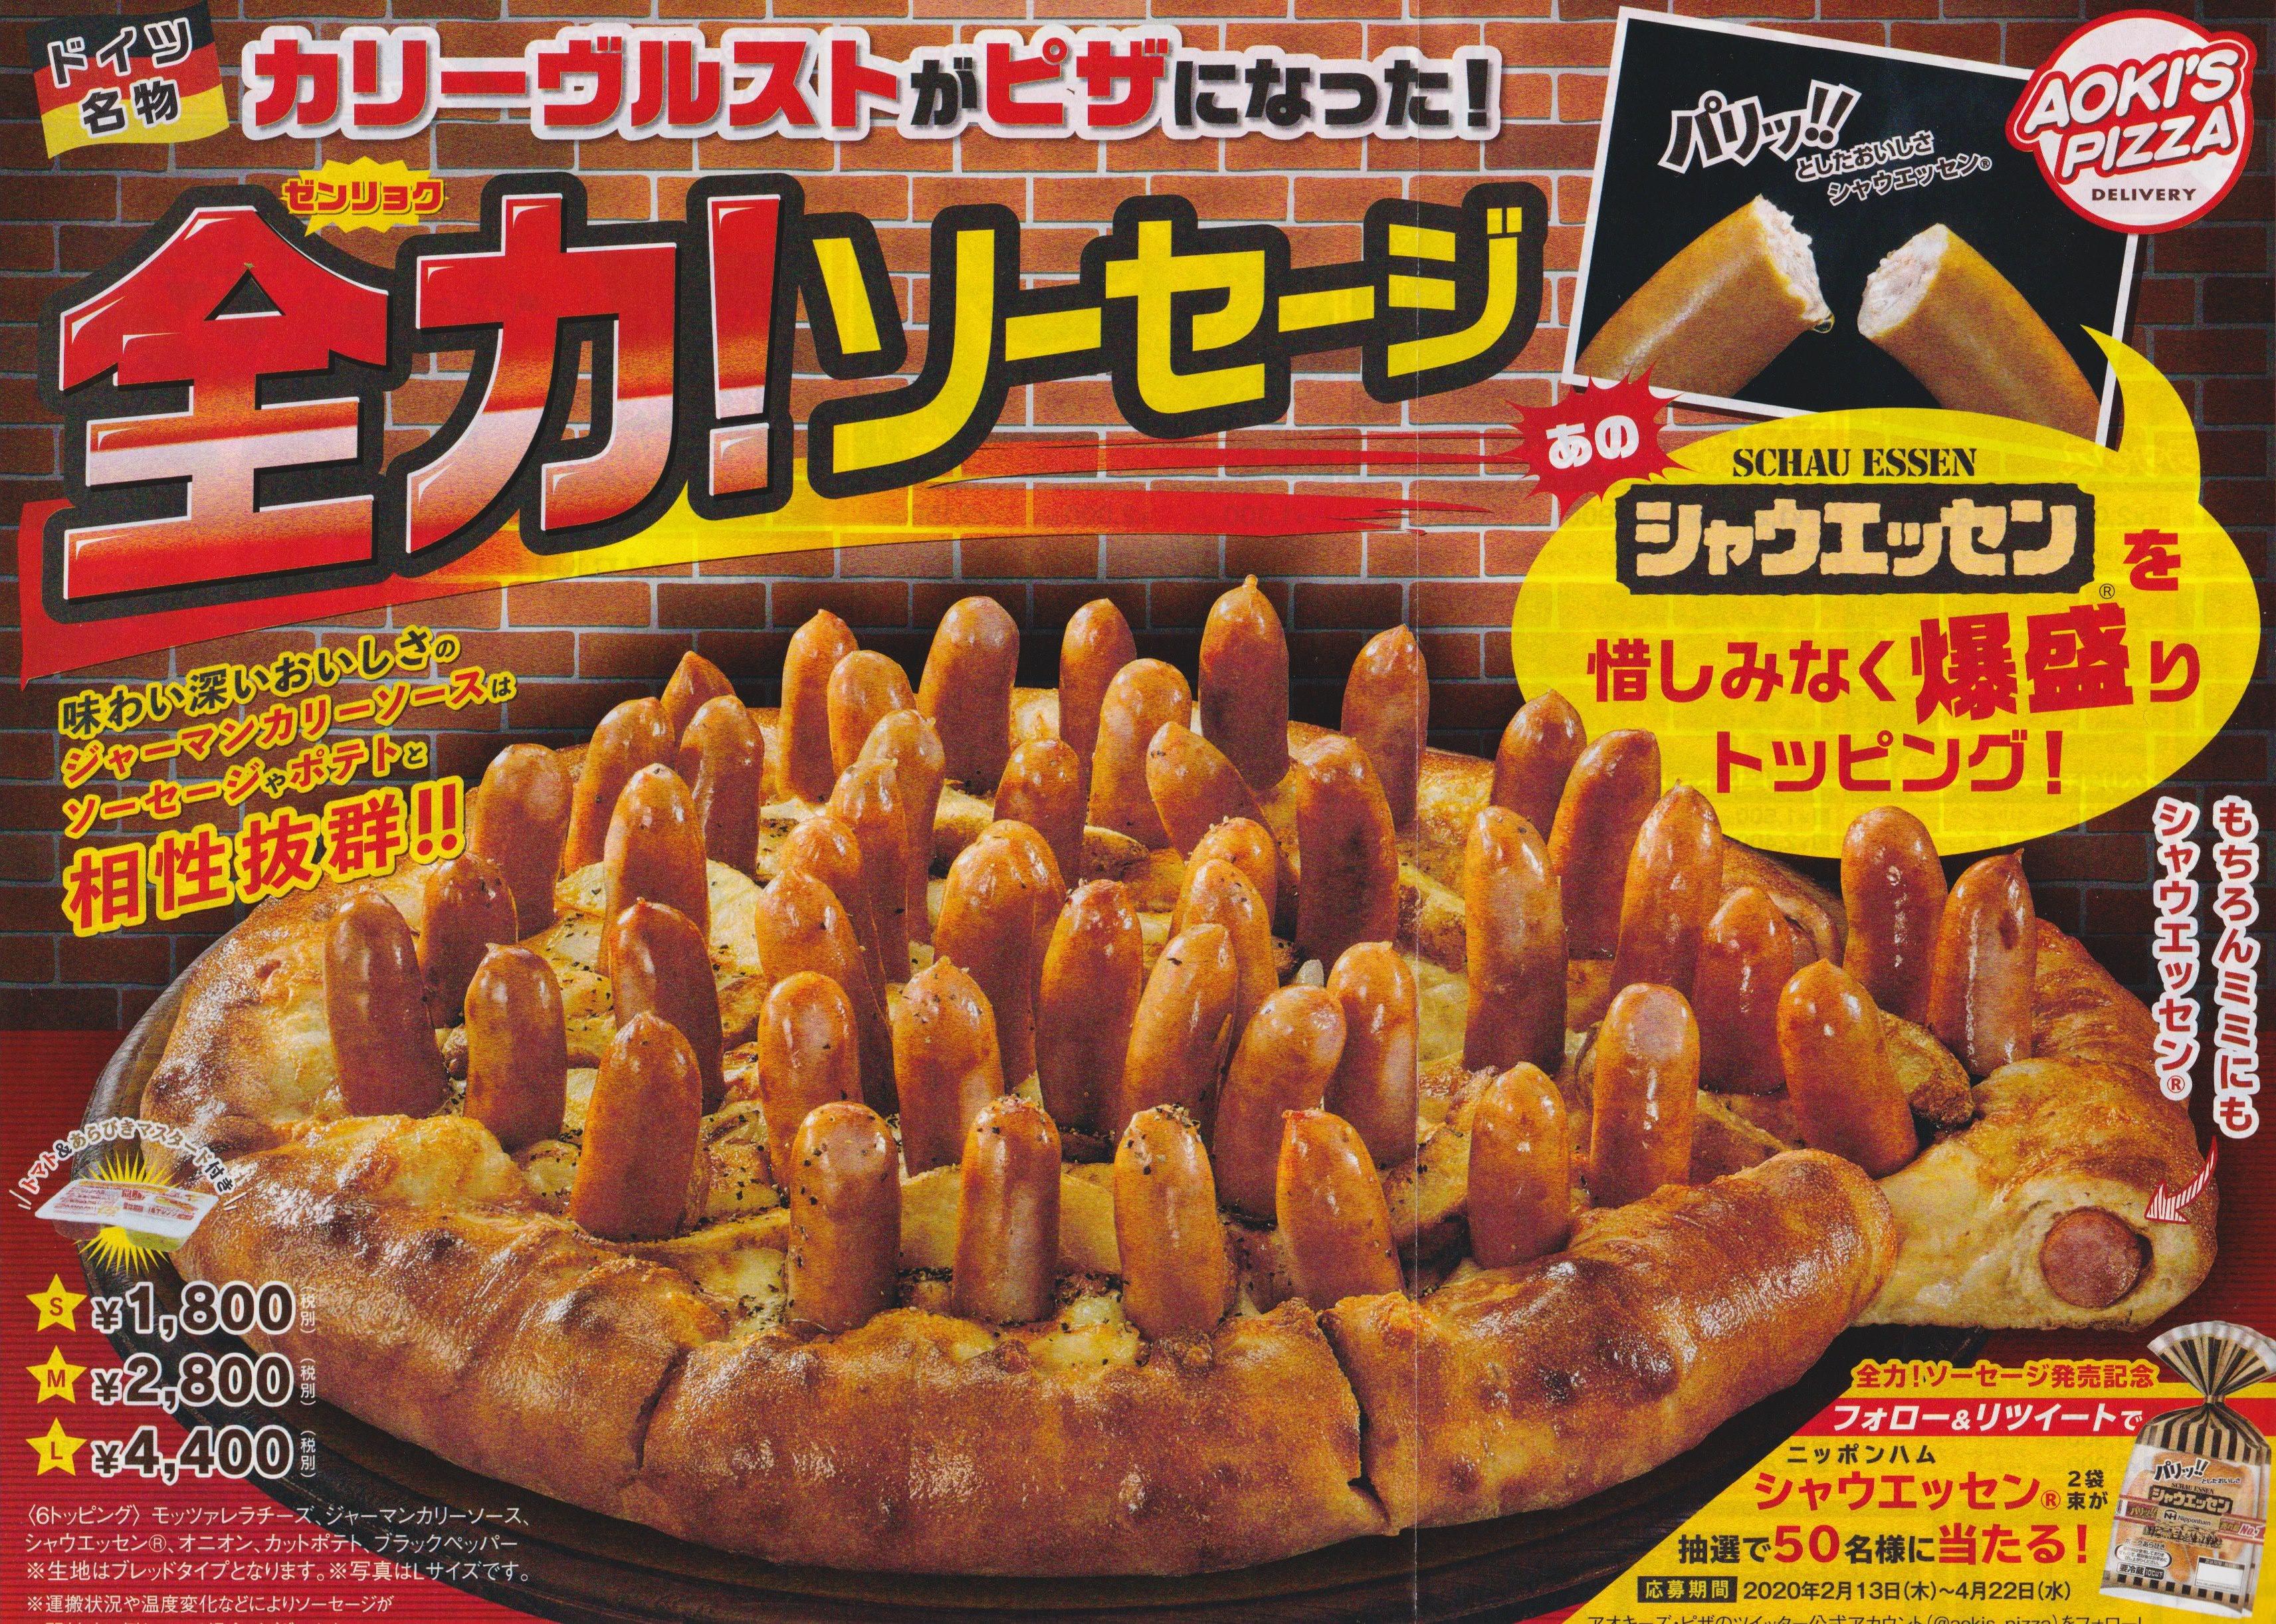 Aoki's Pizza